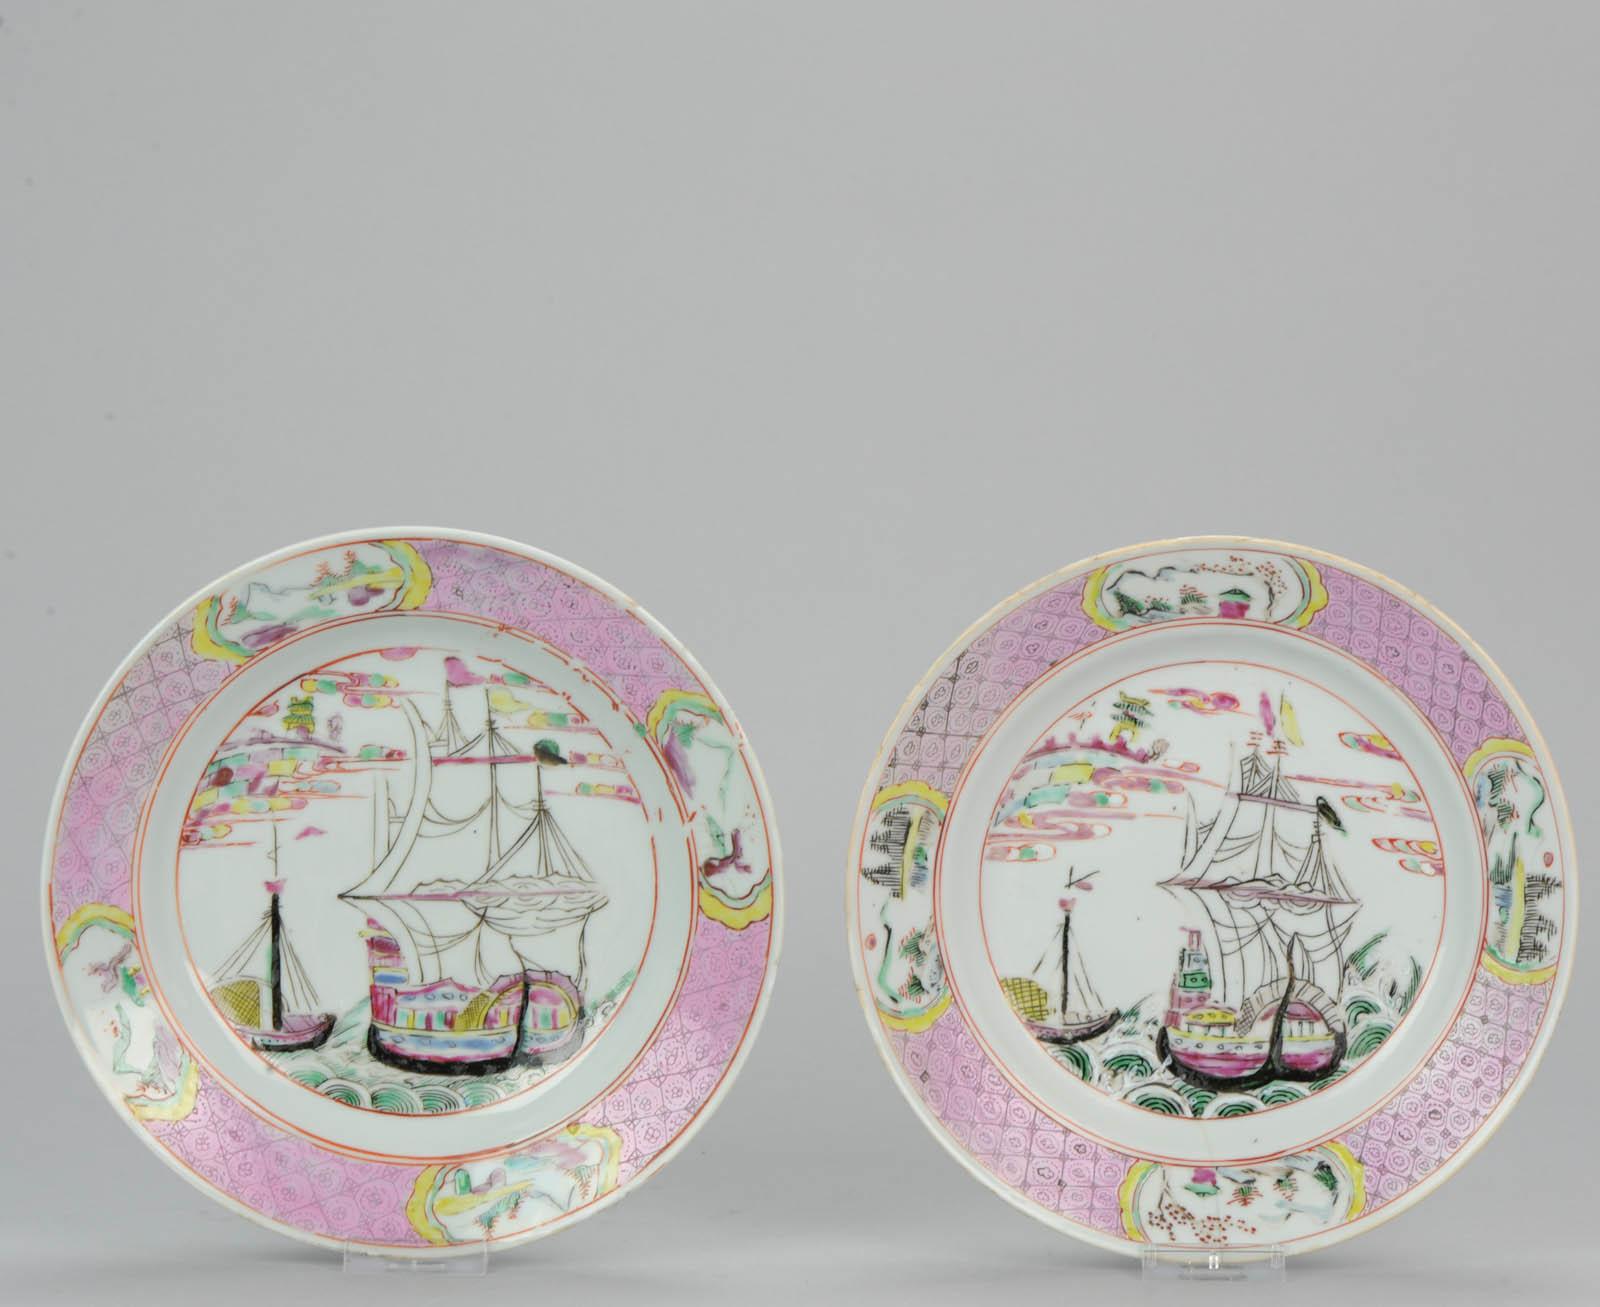 Very Rare Antique Chinese ca 1730 Yongzheng Period Merchant ship plate Qing & Shangrila Antique